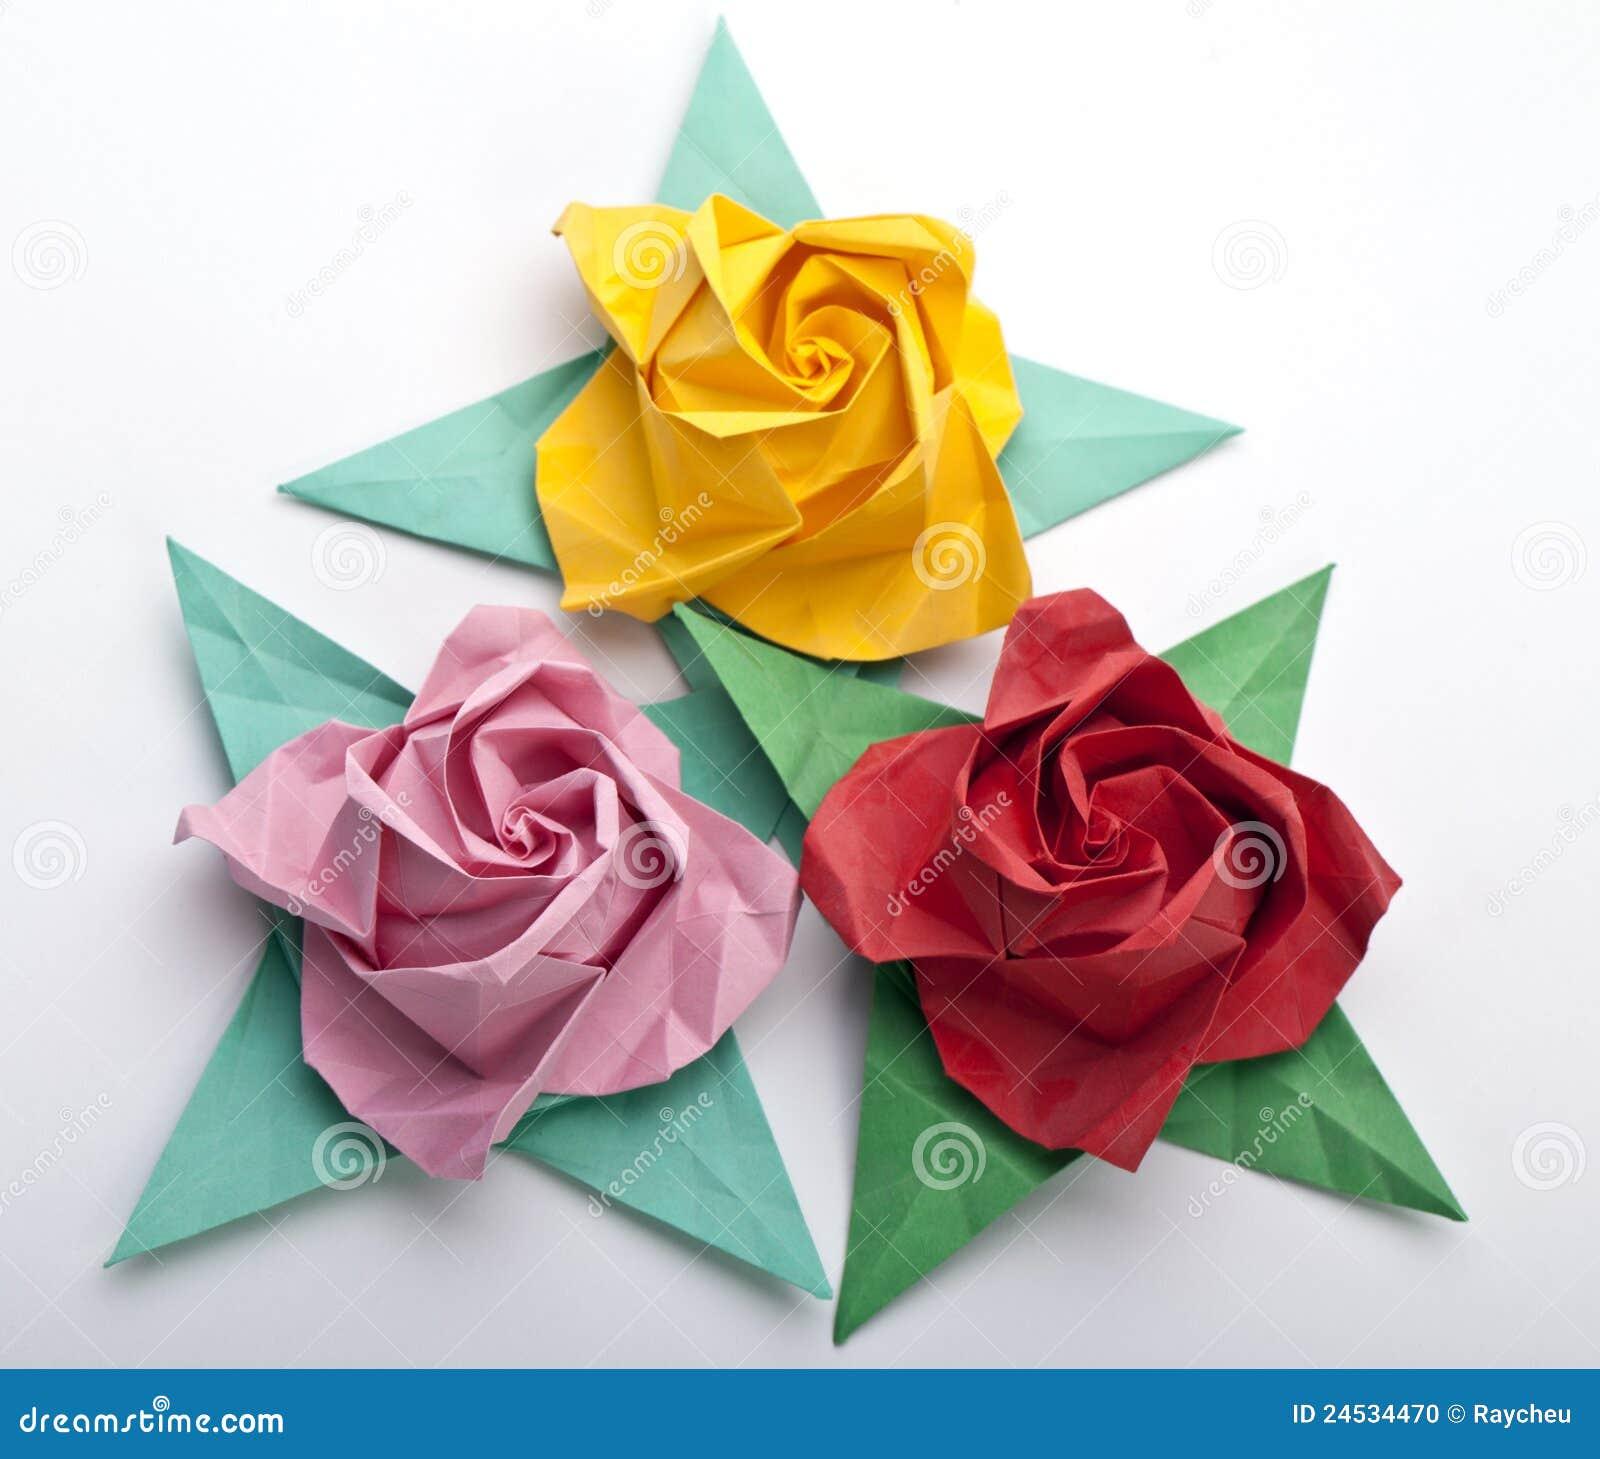 Elegant origami Rose Leaf - #elegant #Leaf #origami #rose ...   1202x1300